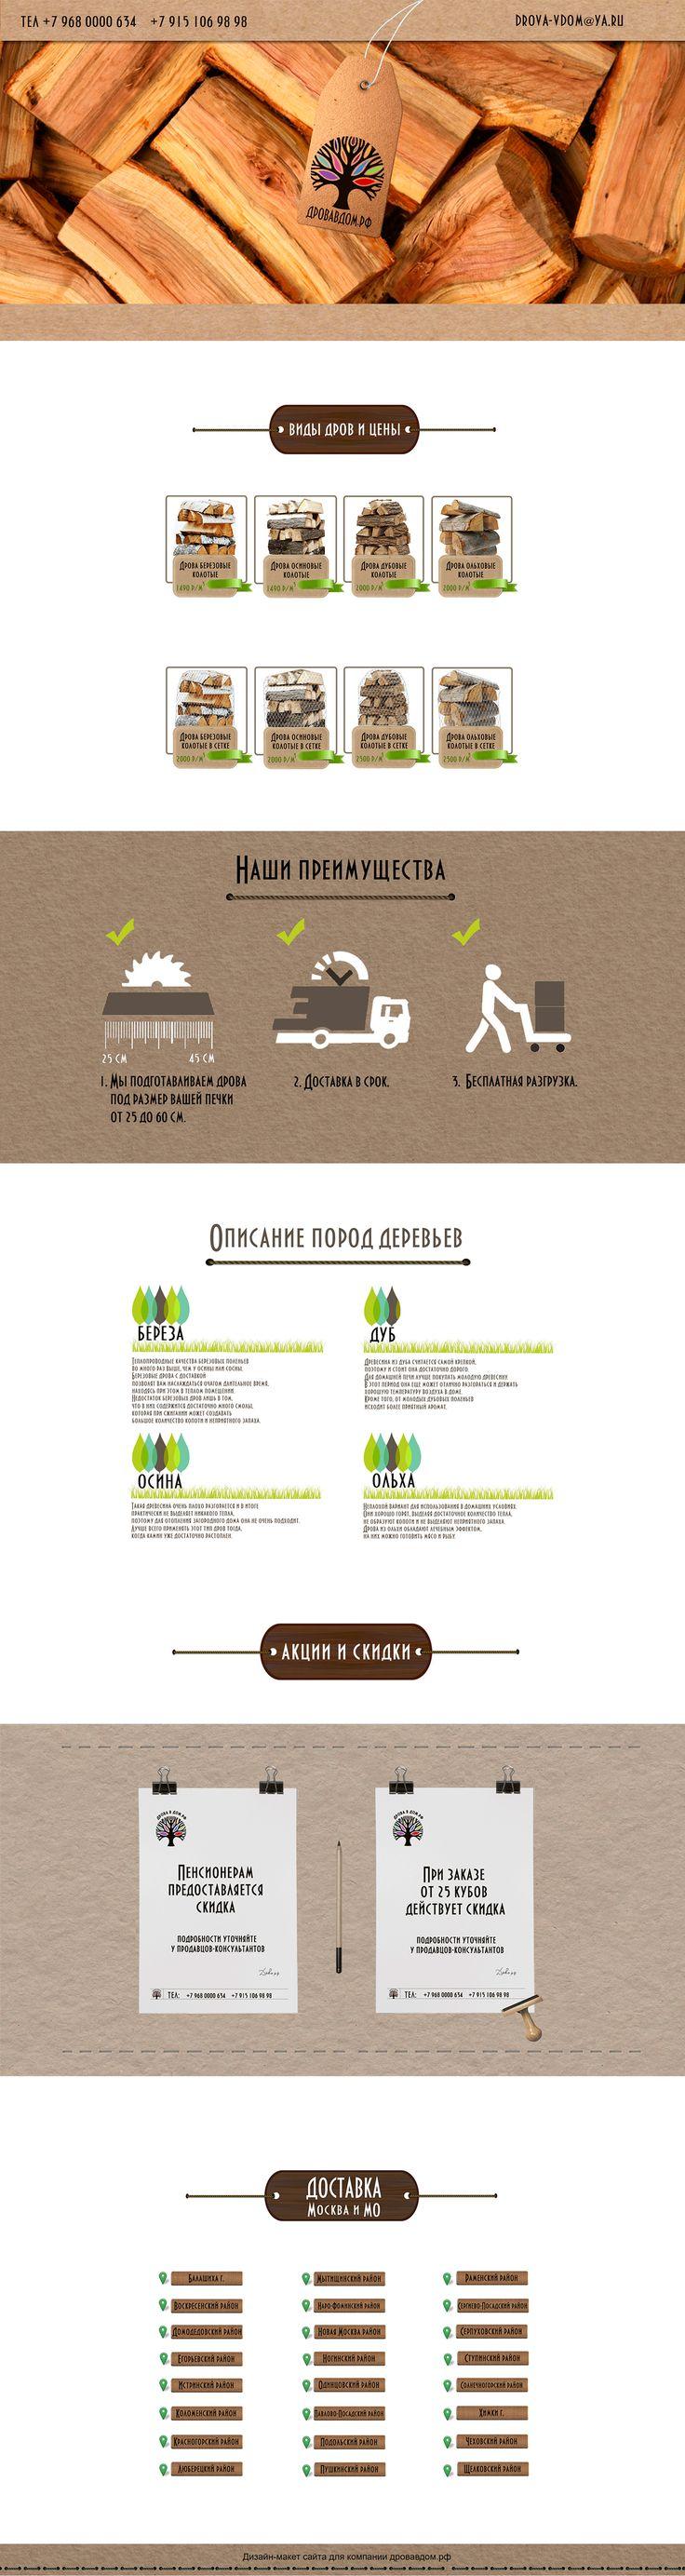 Ознакомьтесь с моим проектом в @Behance: «Дизайн сайта дровавдом.рф» https://www.behance.net/gallery/46966895/dizajn-sajta-drovavdomrf